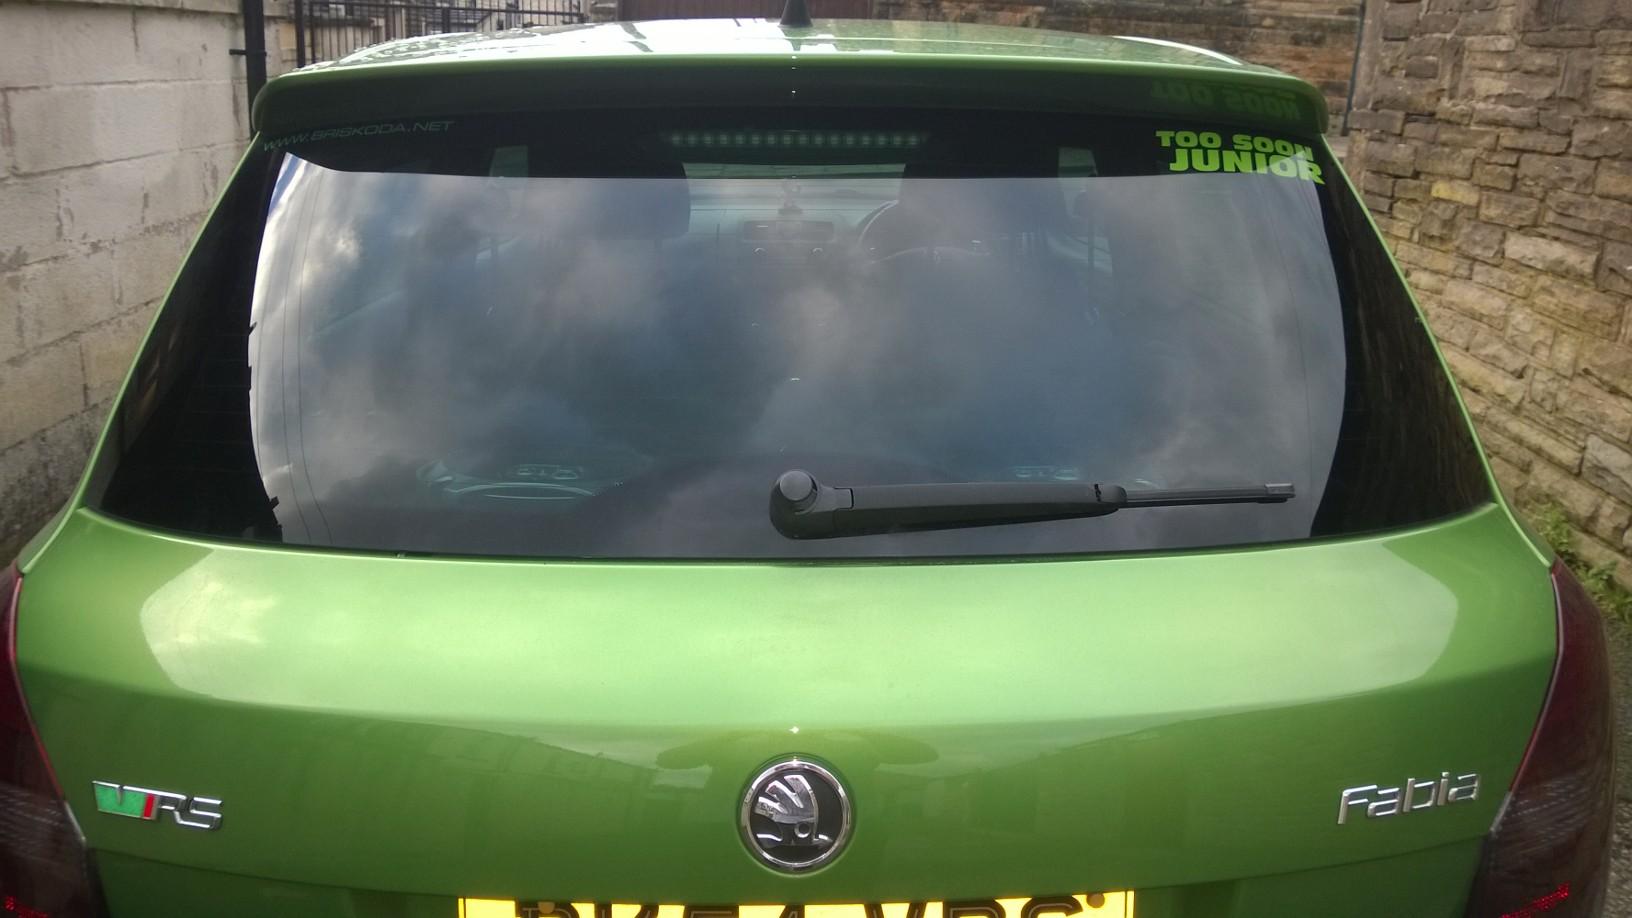 Fiat Stilo Cd Car Stereo Surround Fitting Wiring Kit Ebay